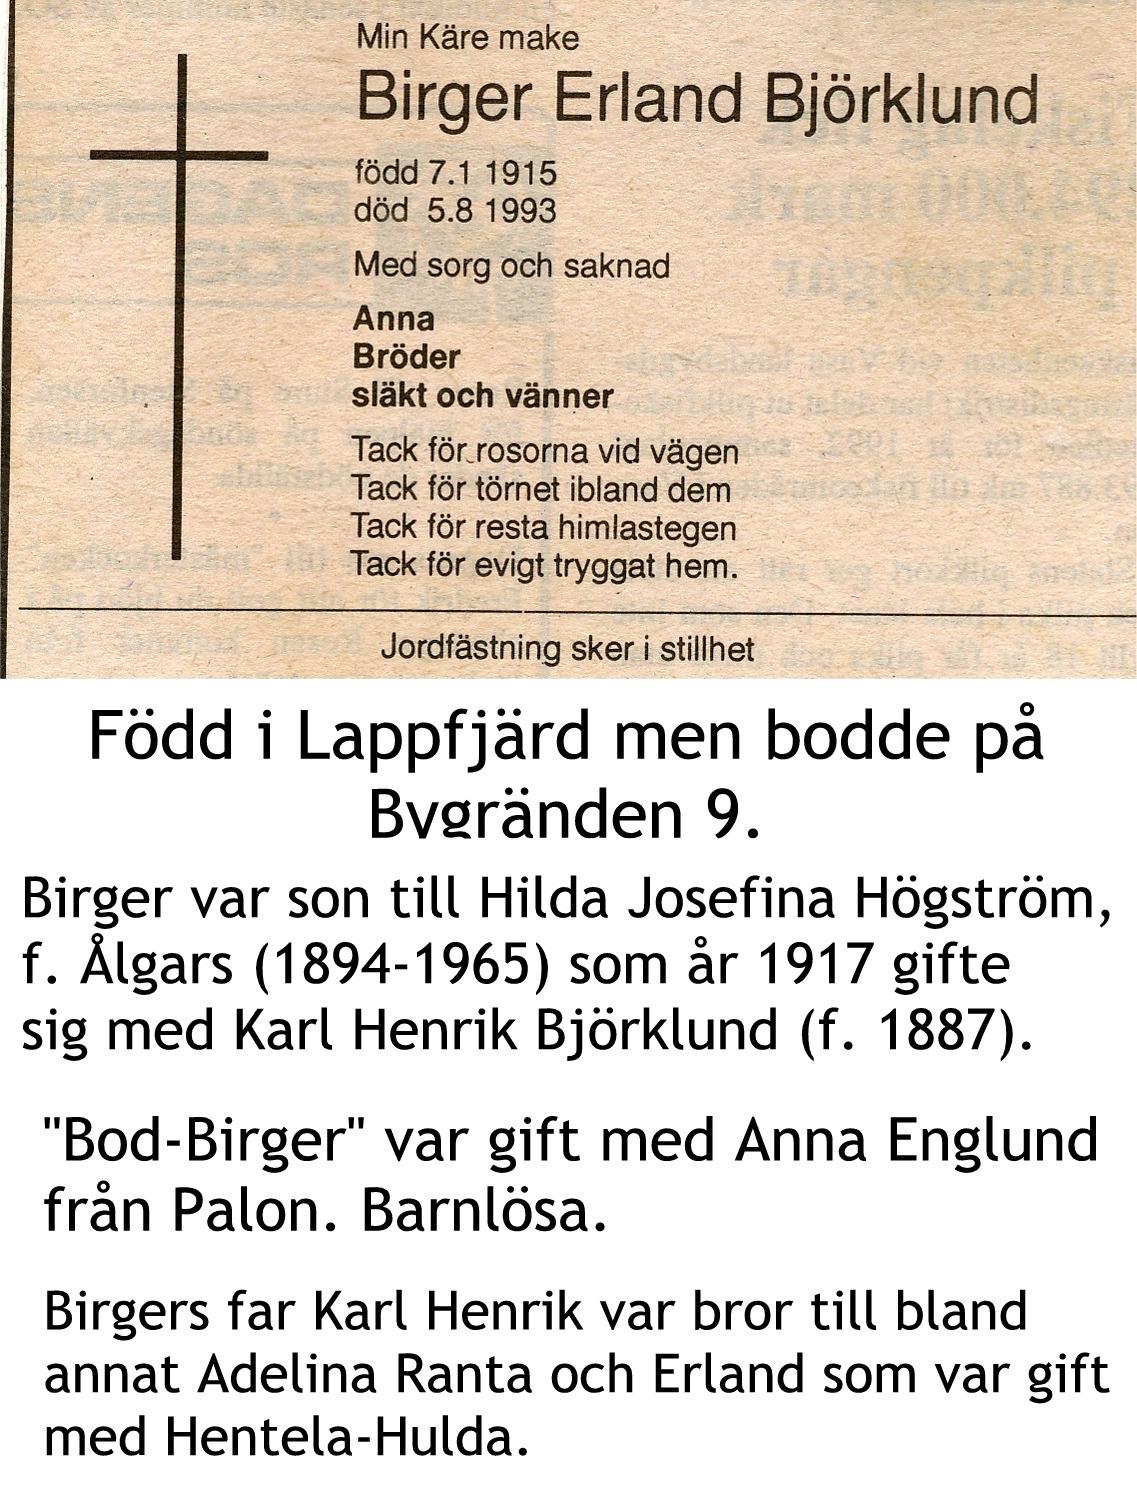 Björklund Birger Erland